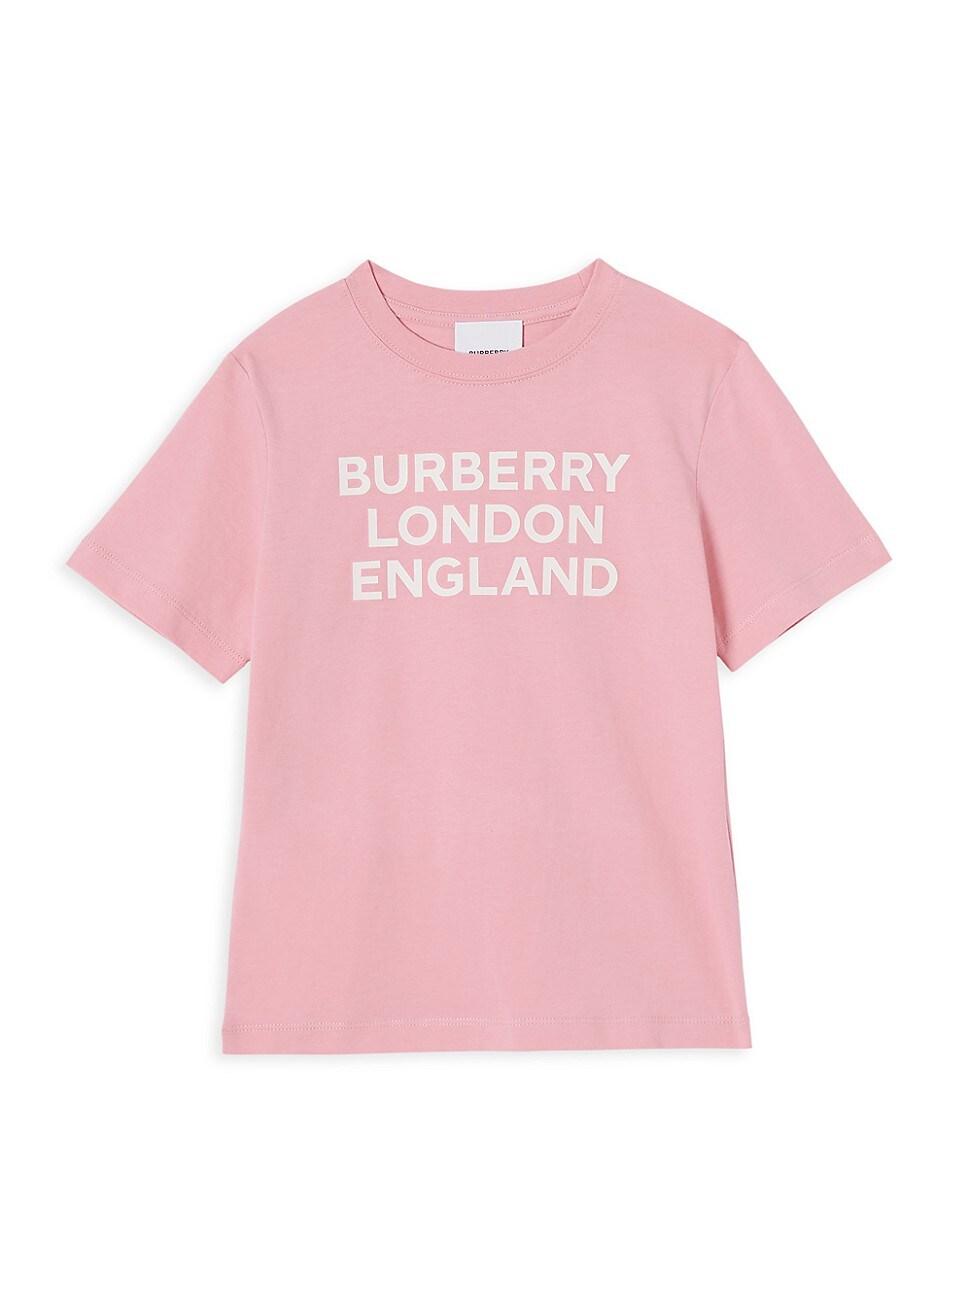 Burberry Cottons LITTLE GIRL'S & GIRL'S BLE T-SHIRT